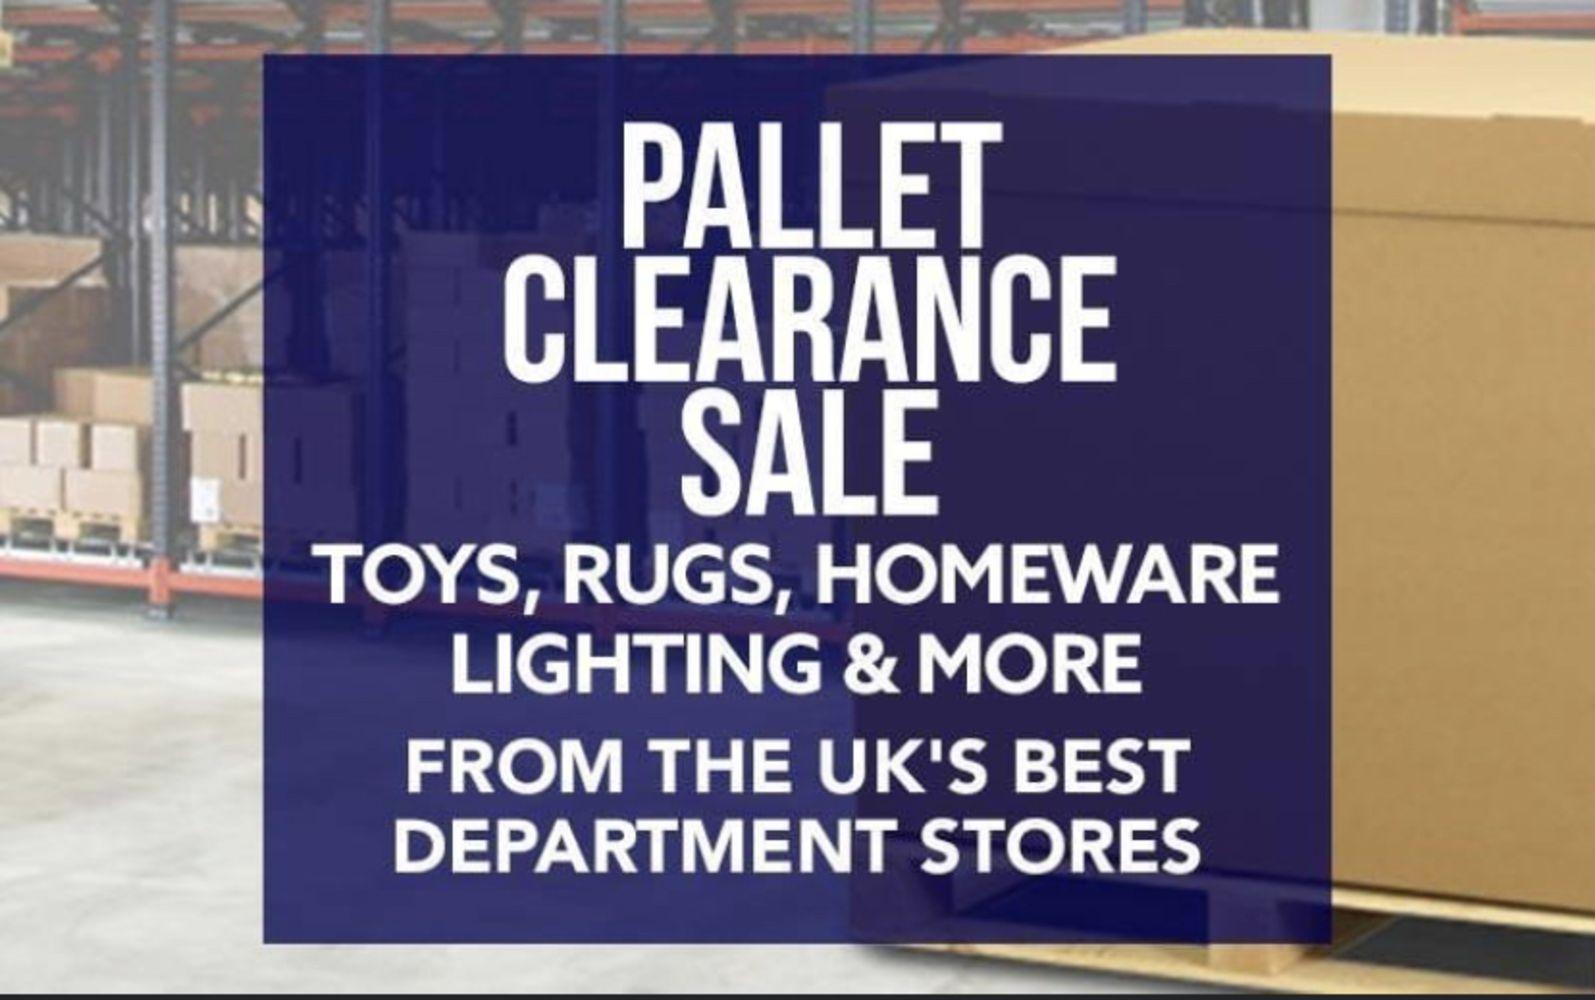 No Reserve - Pallet Clearance Sale! 15th April 2021